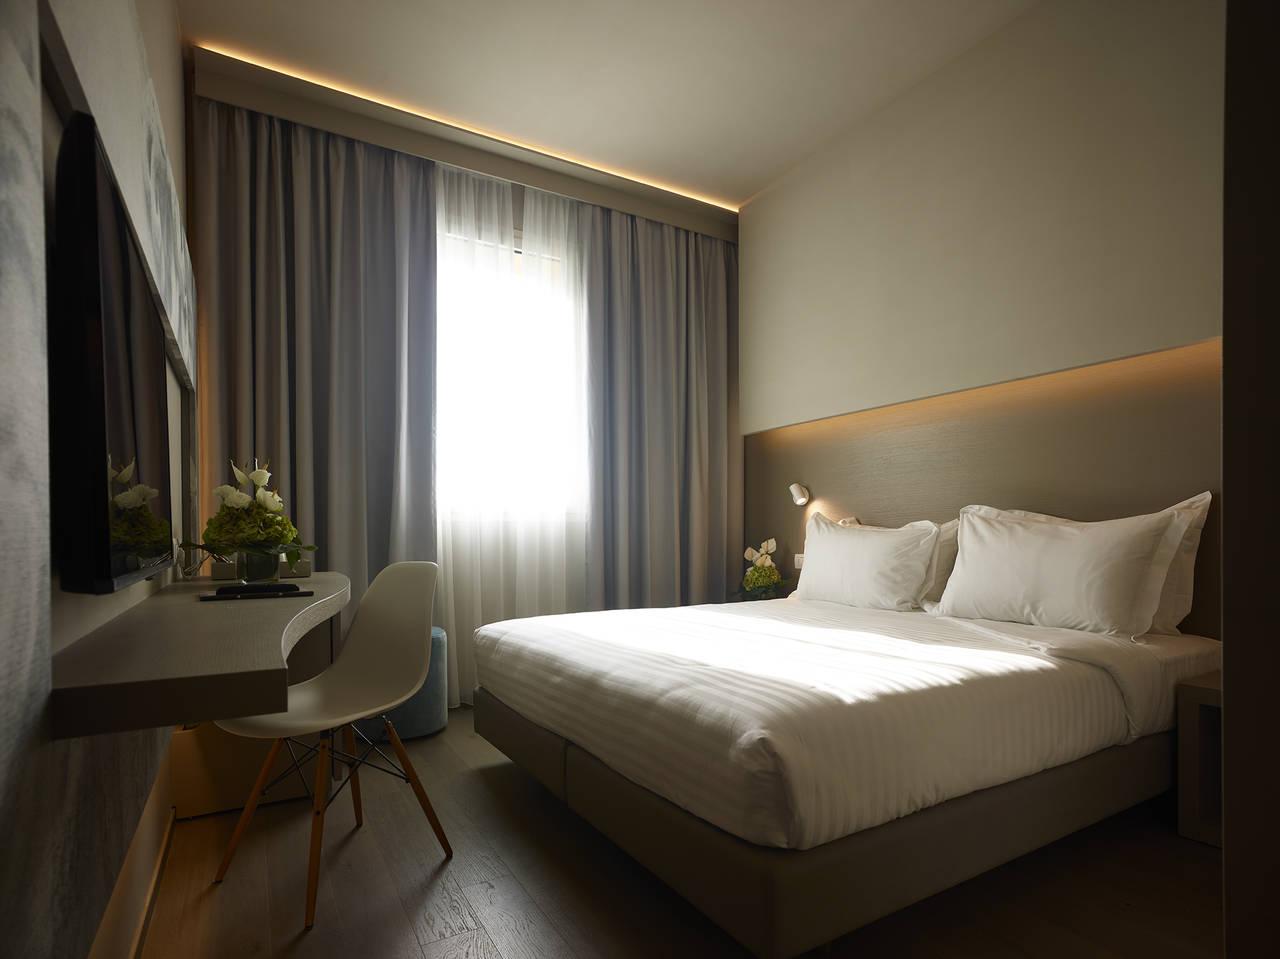 Lema per il nuovo Glance hotel di Firenze